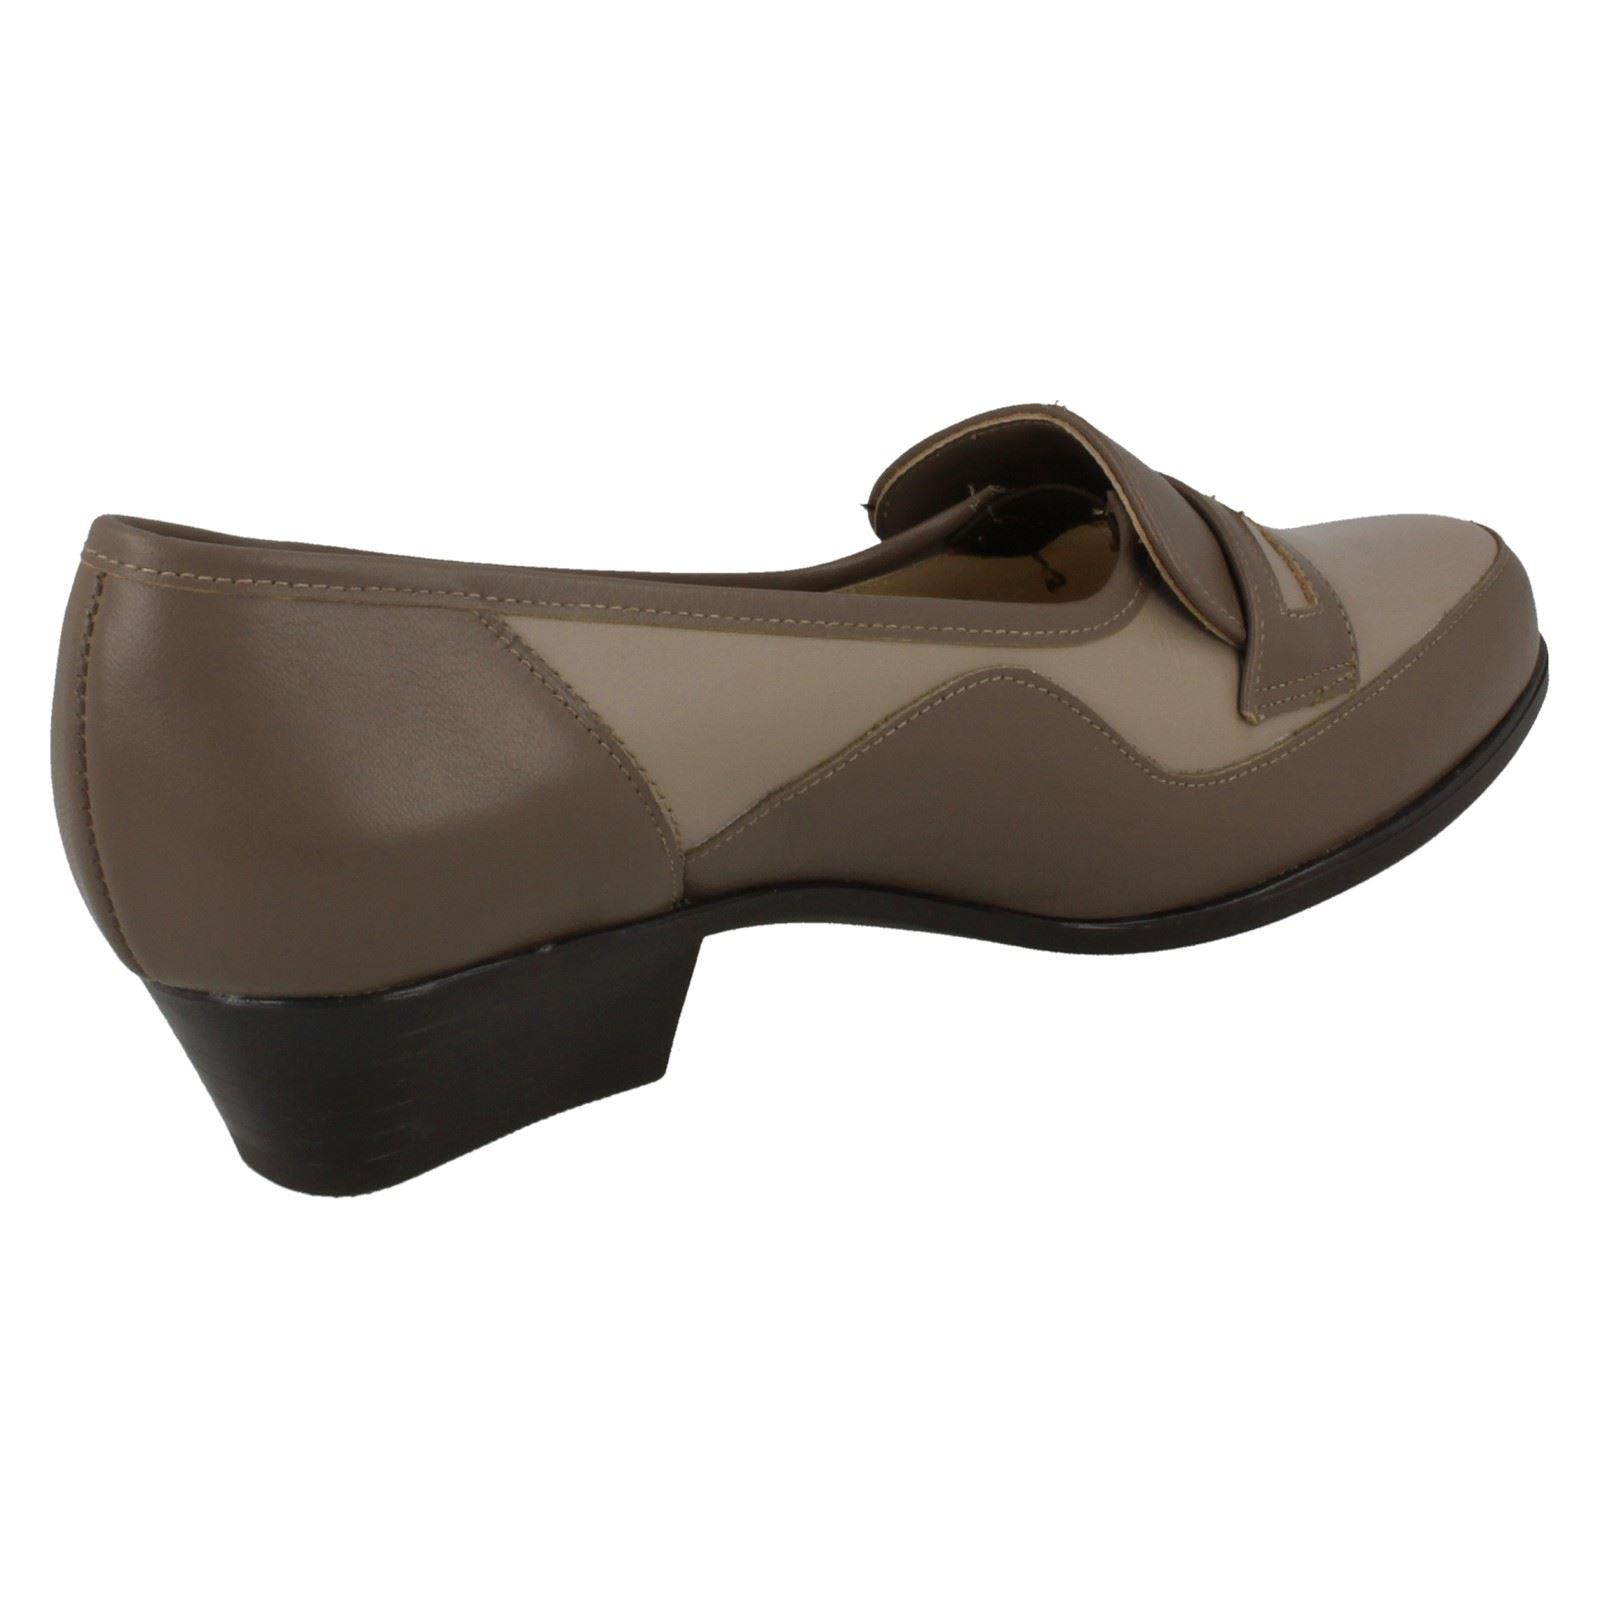 Clarks Ashland Glow Womens Leather Slip On Shoes